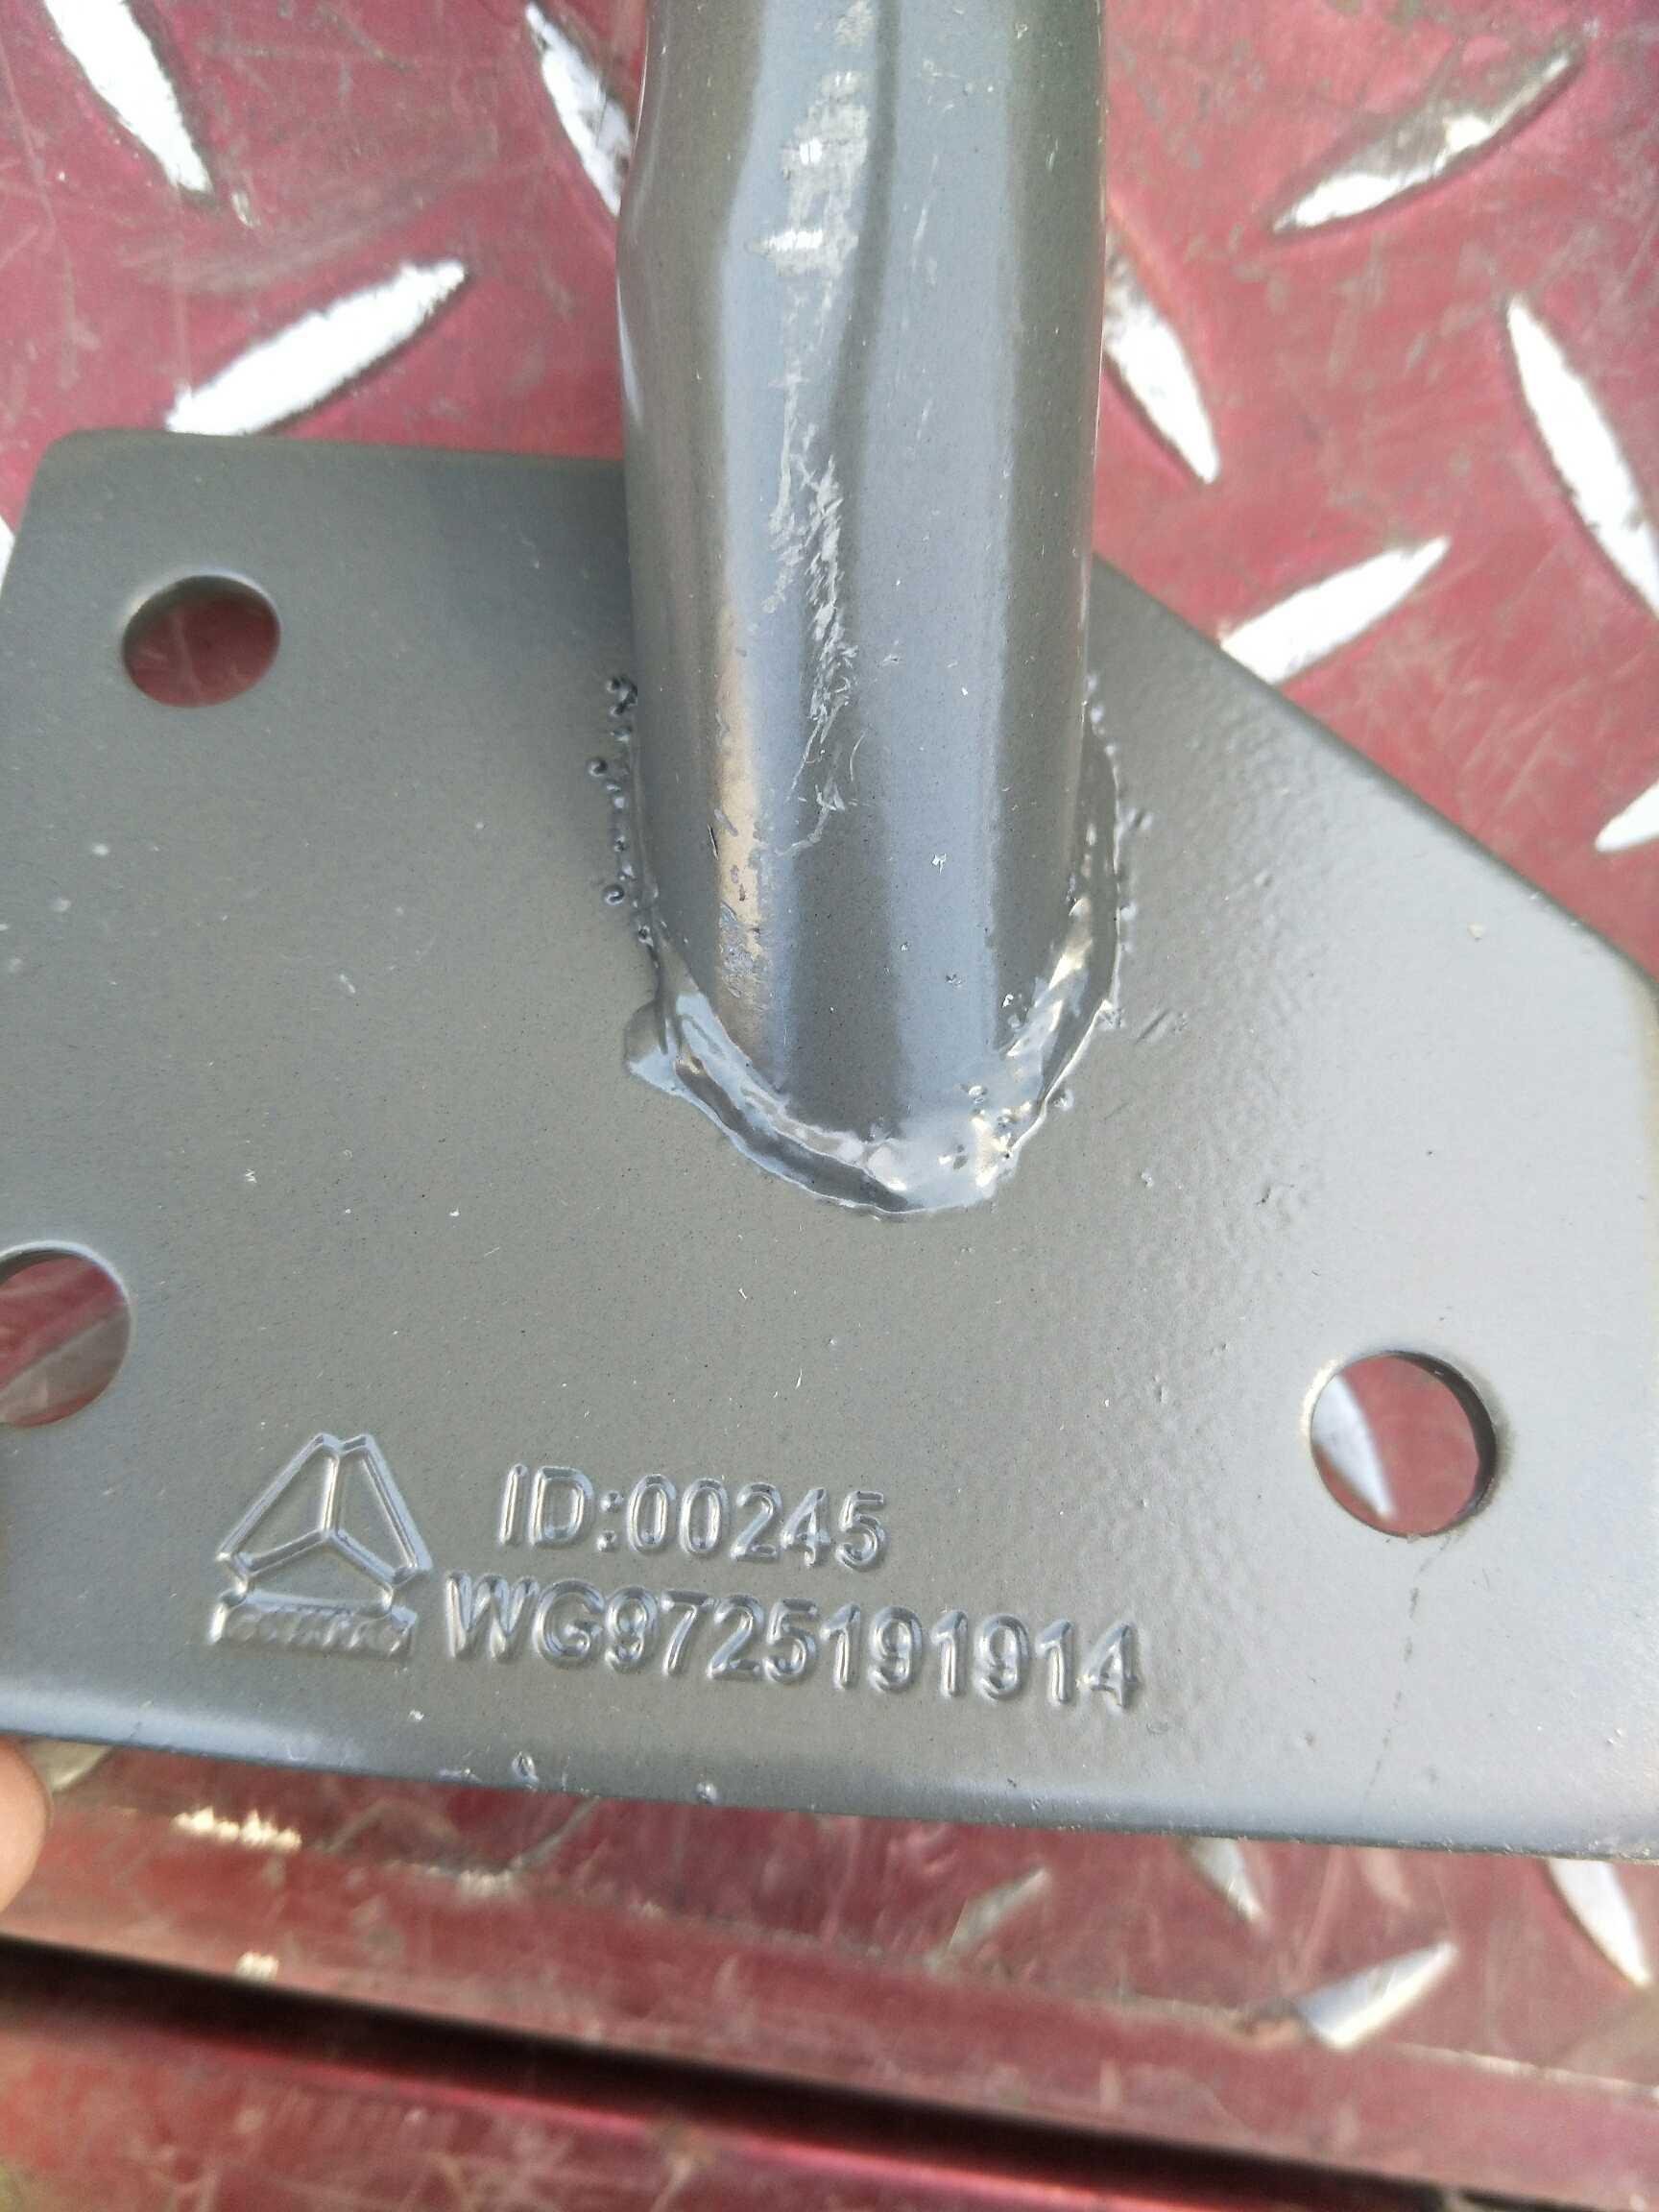 豪沃新款进气道支架WG9725191914